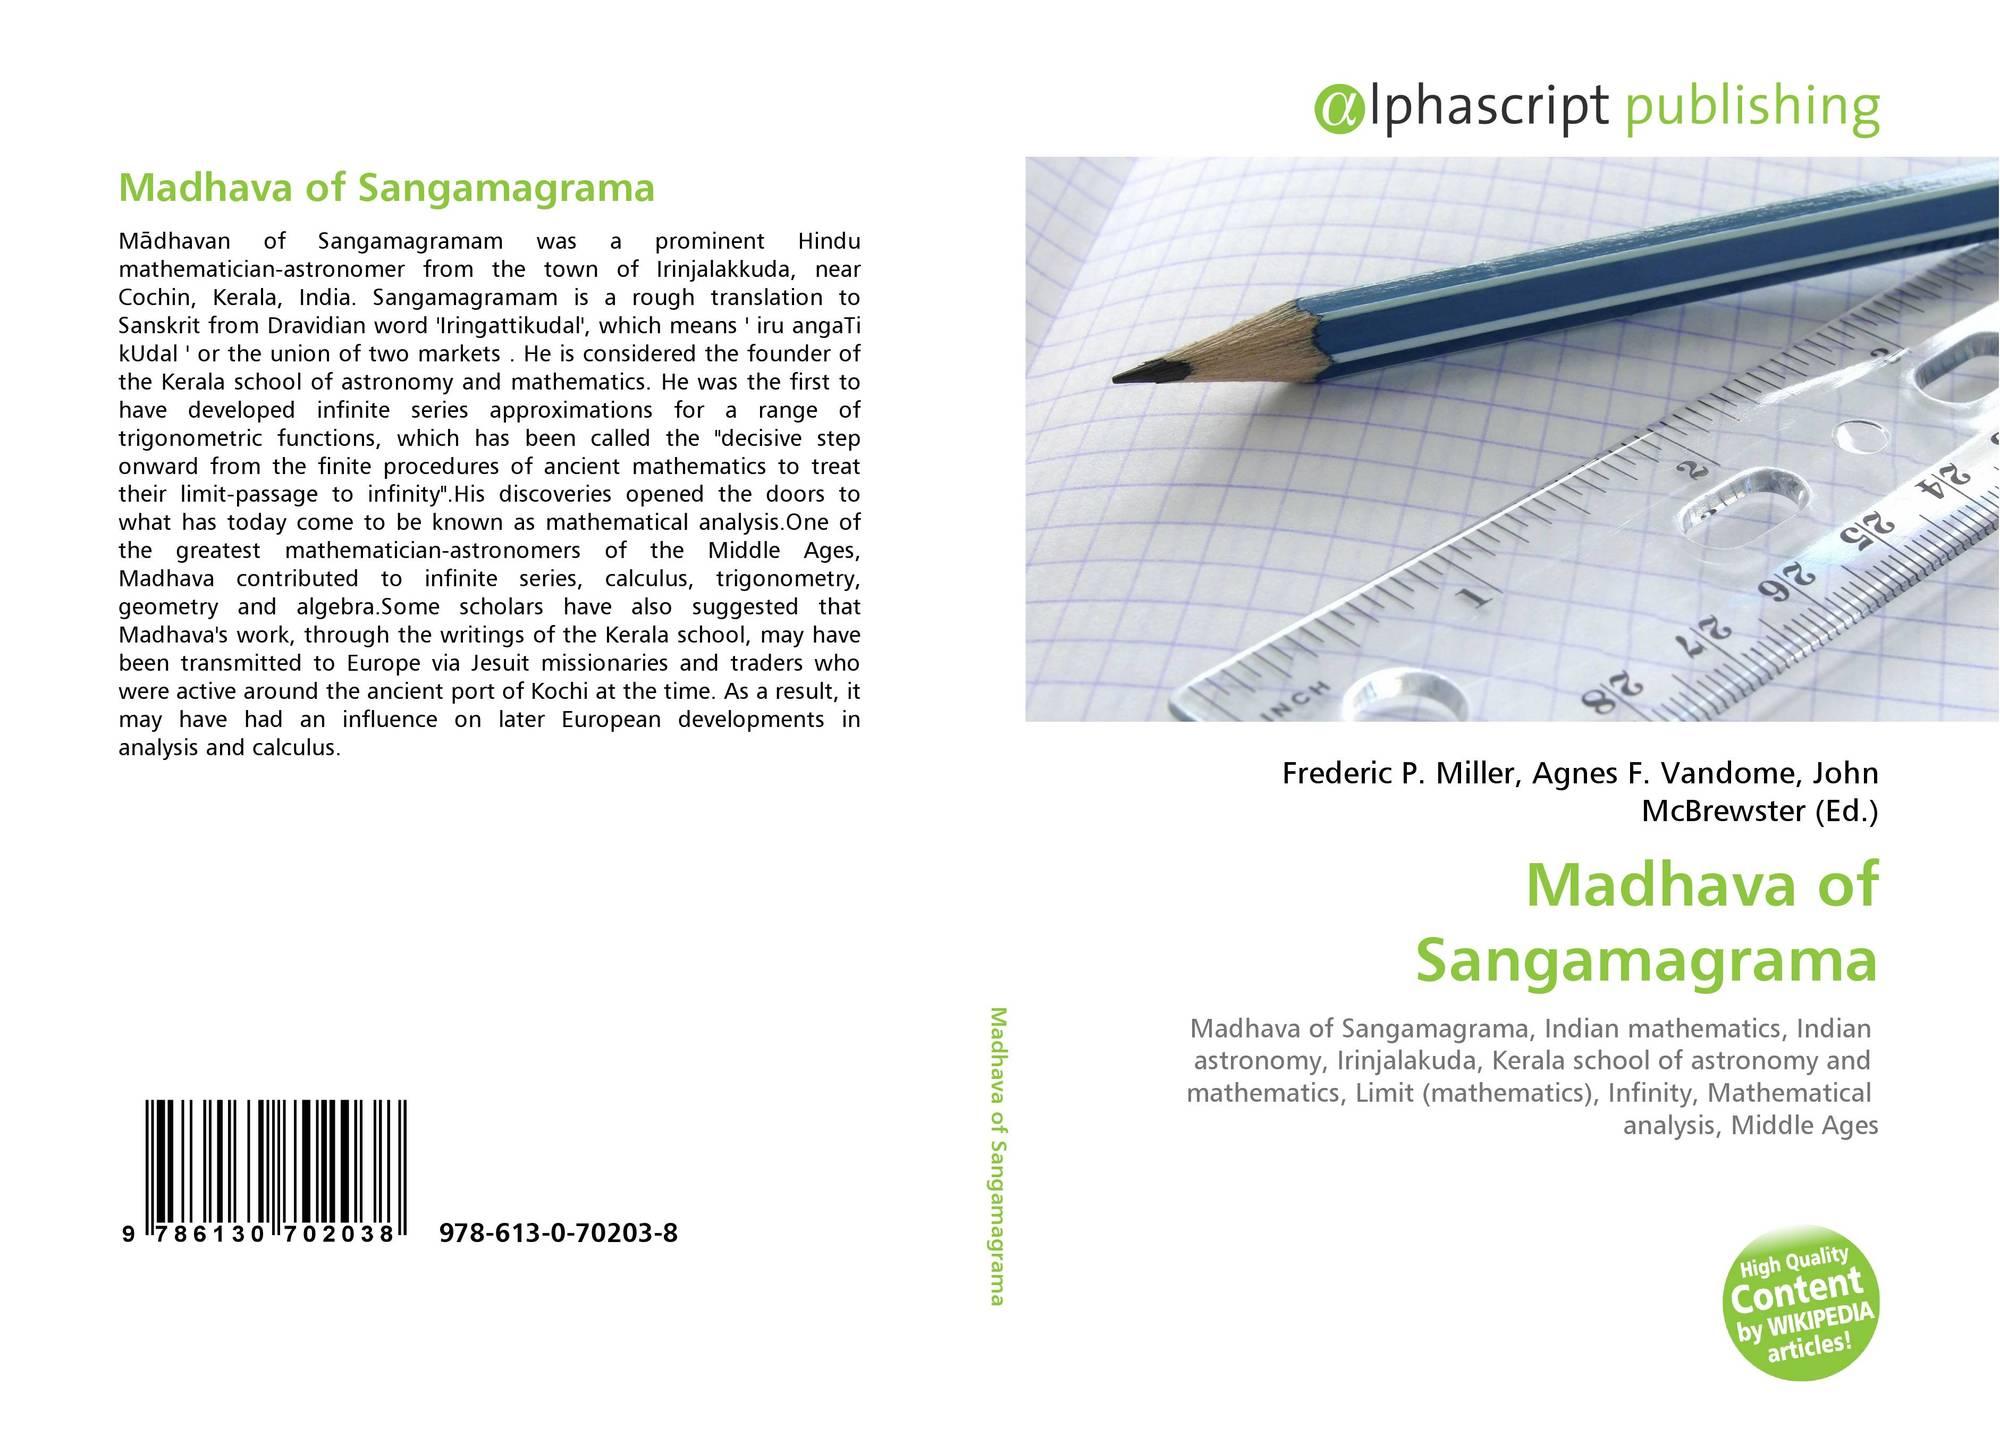 Madhava Sangamagrama Mathematician Madhava of Sangamagrama